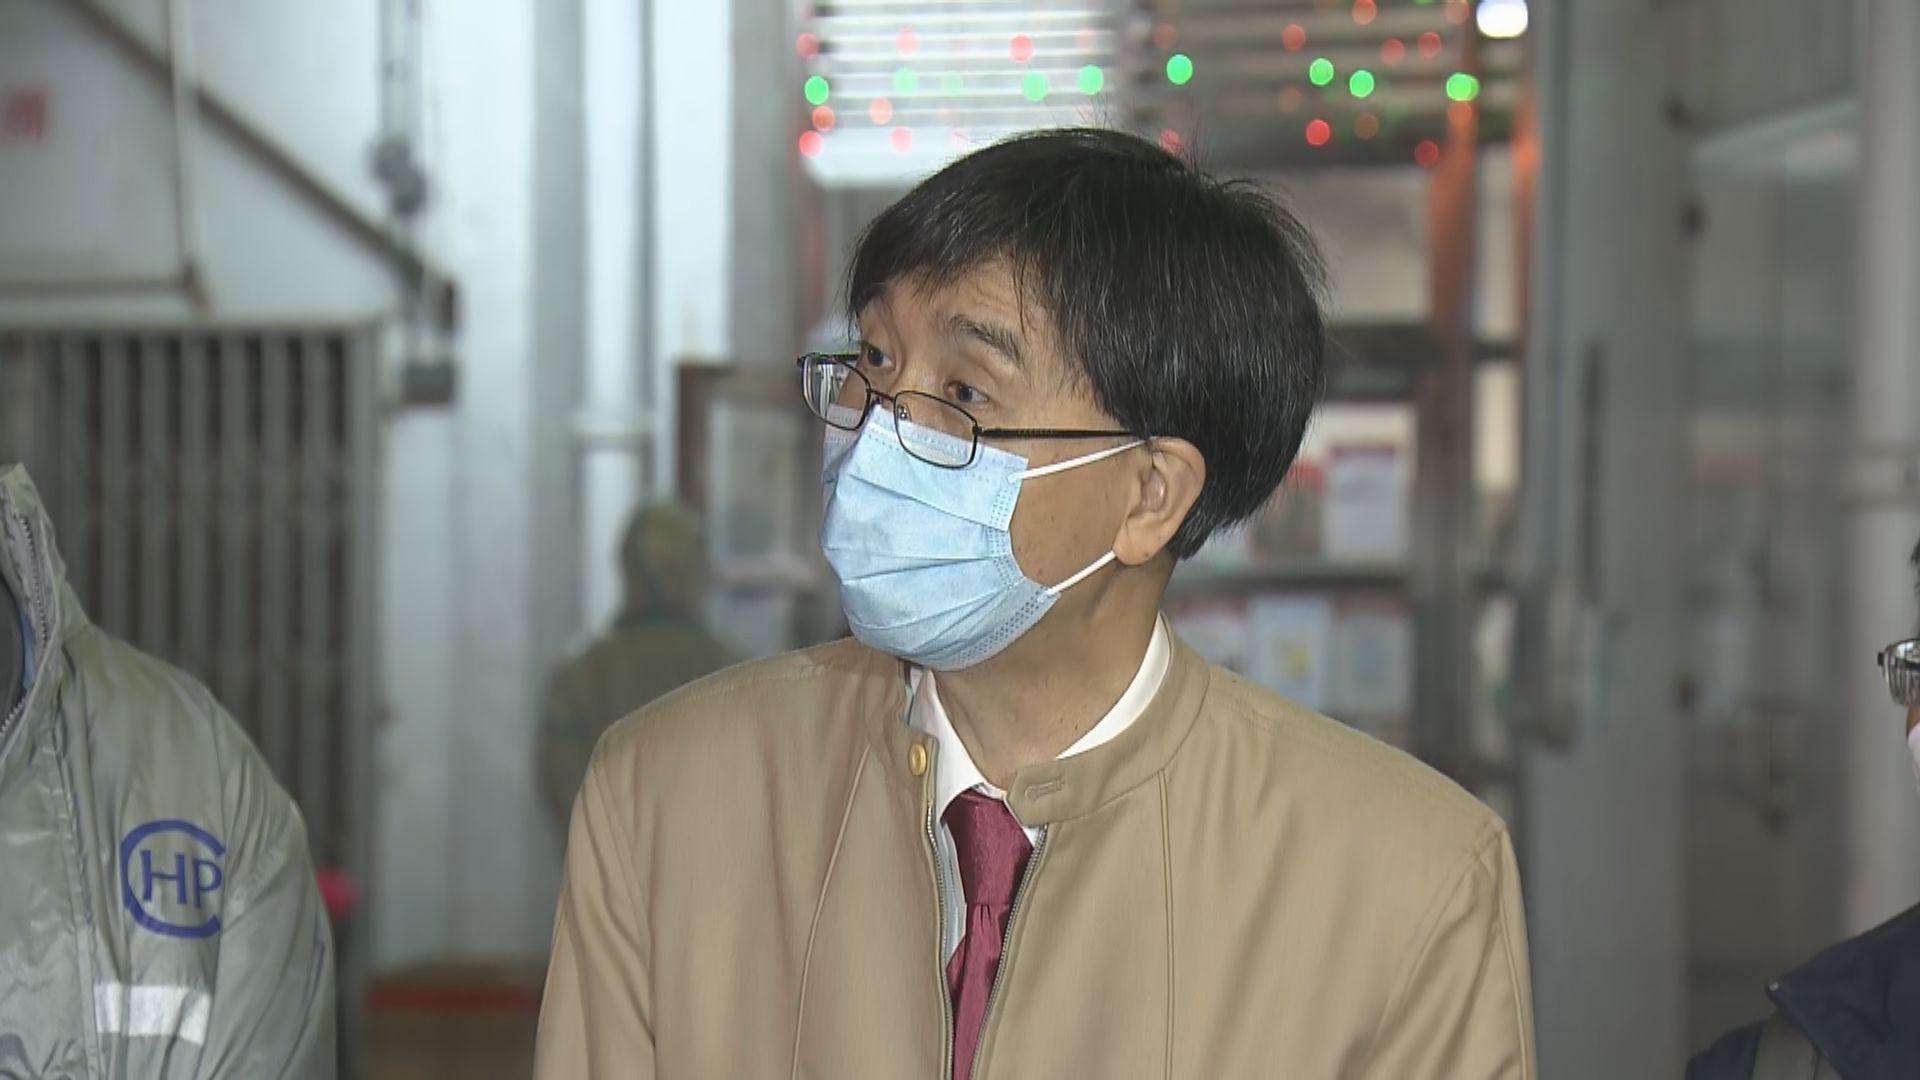 袁國勇:會接種在內地製造港大疫苗